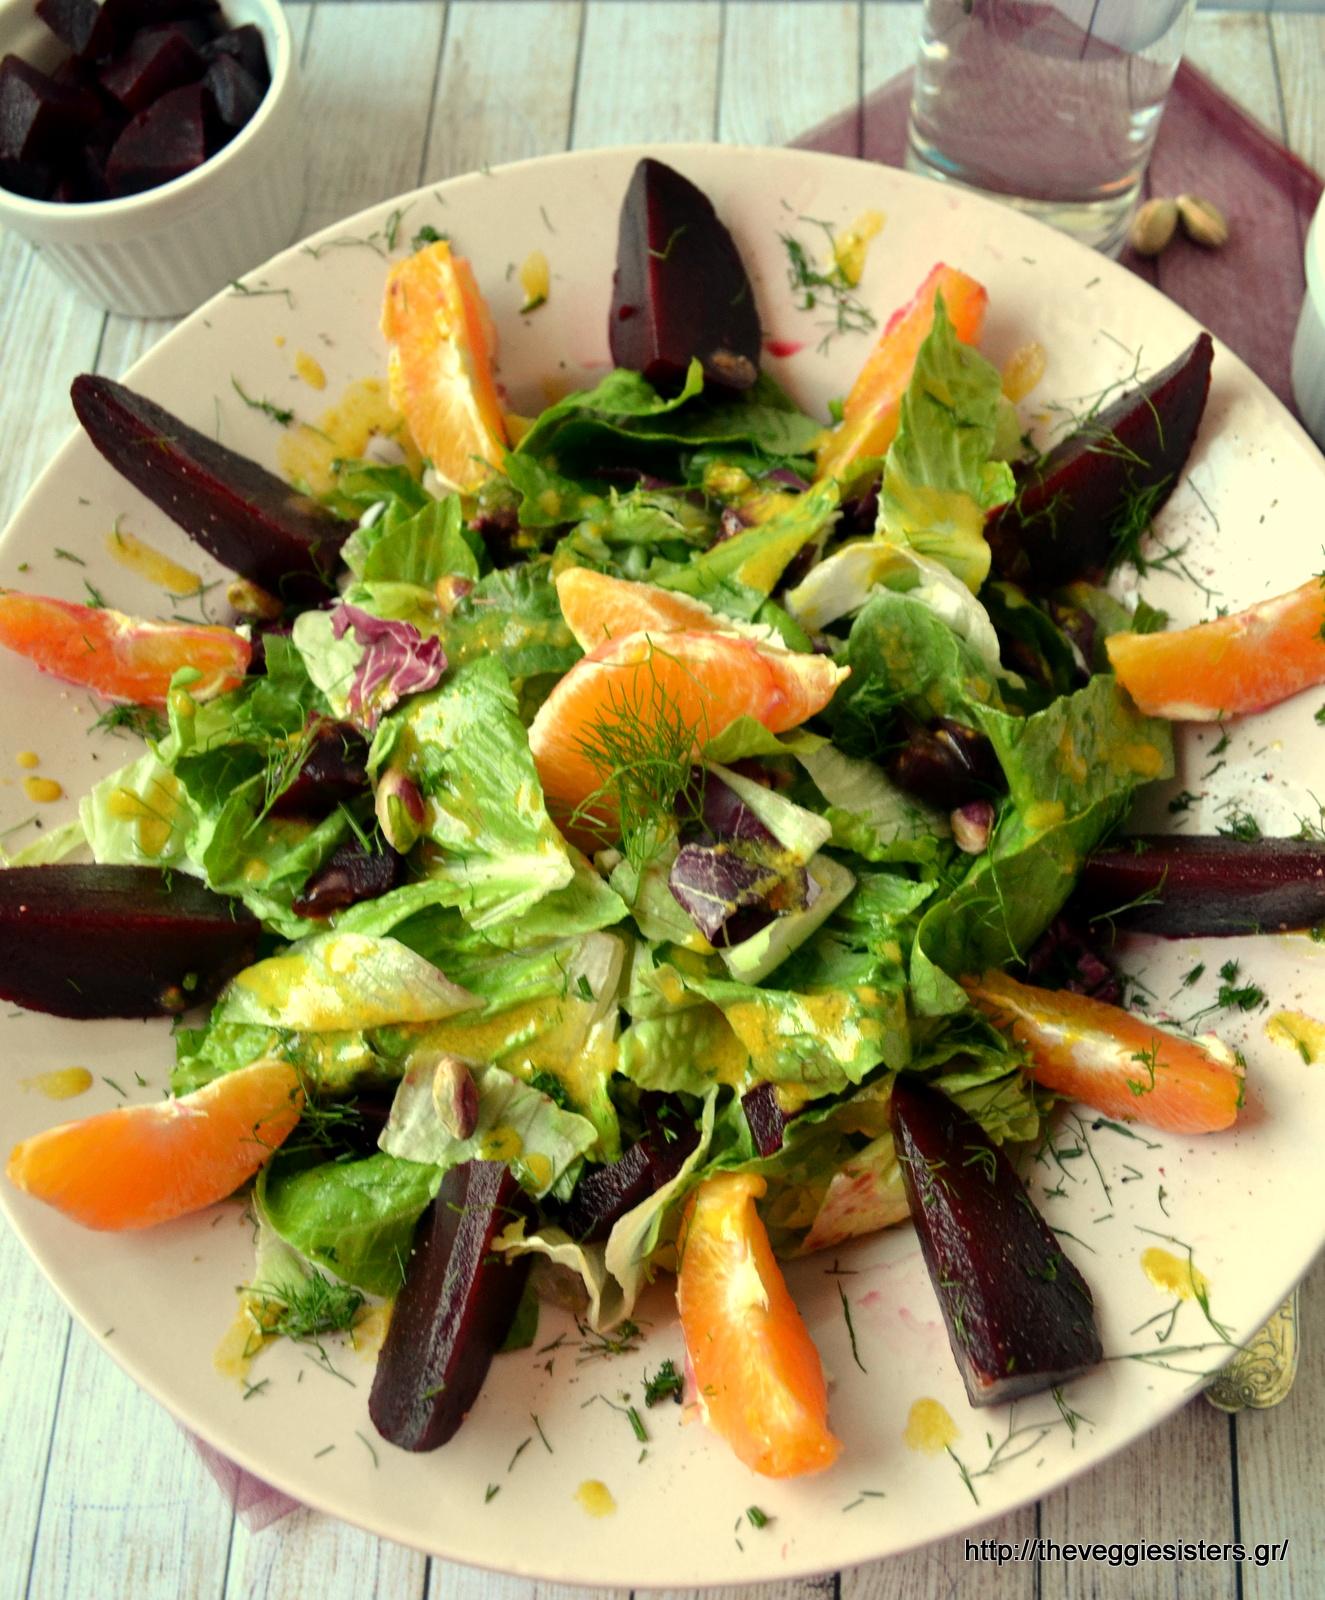 Πράσινη σαλάτα με παντζάρι κ πορτοκάλι